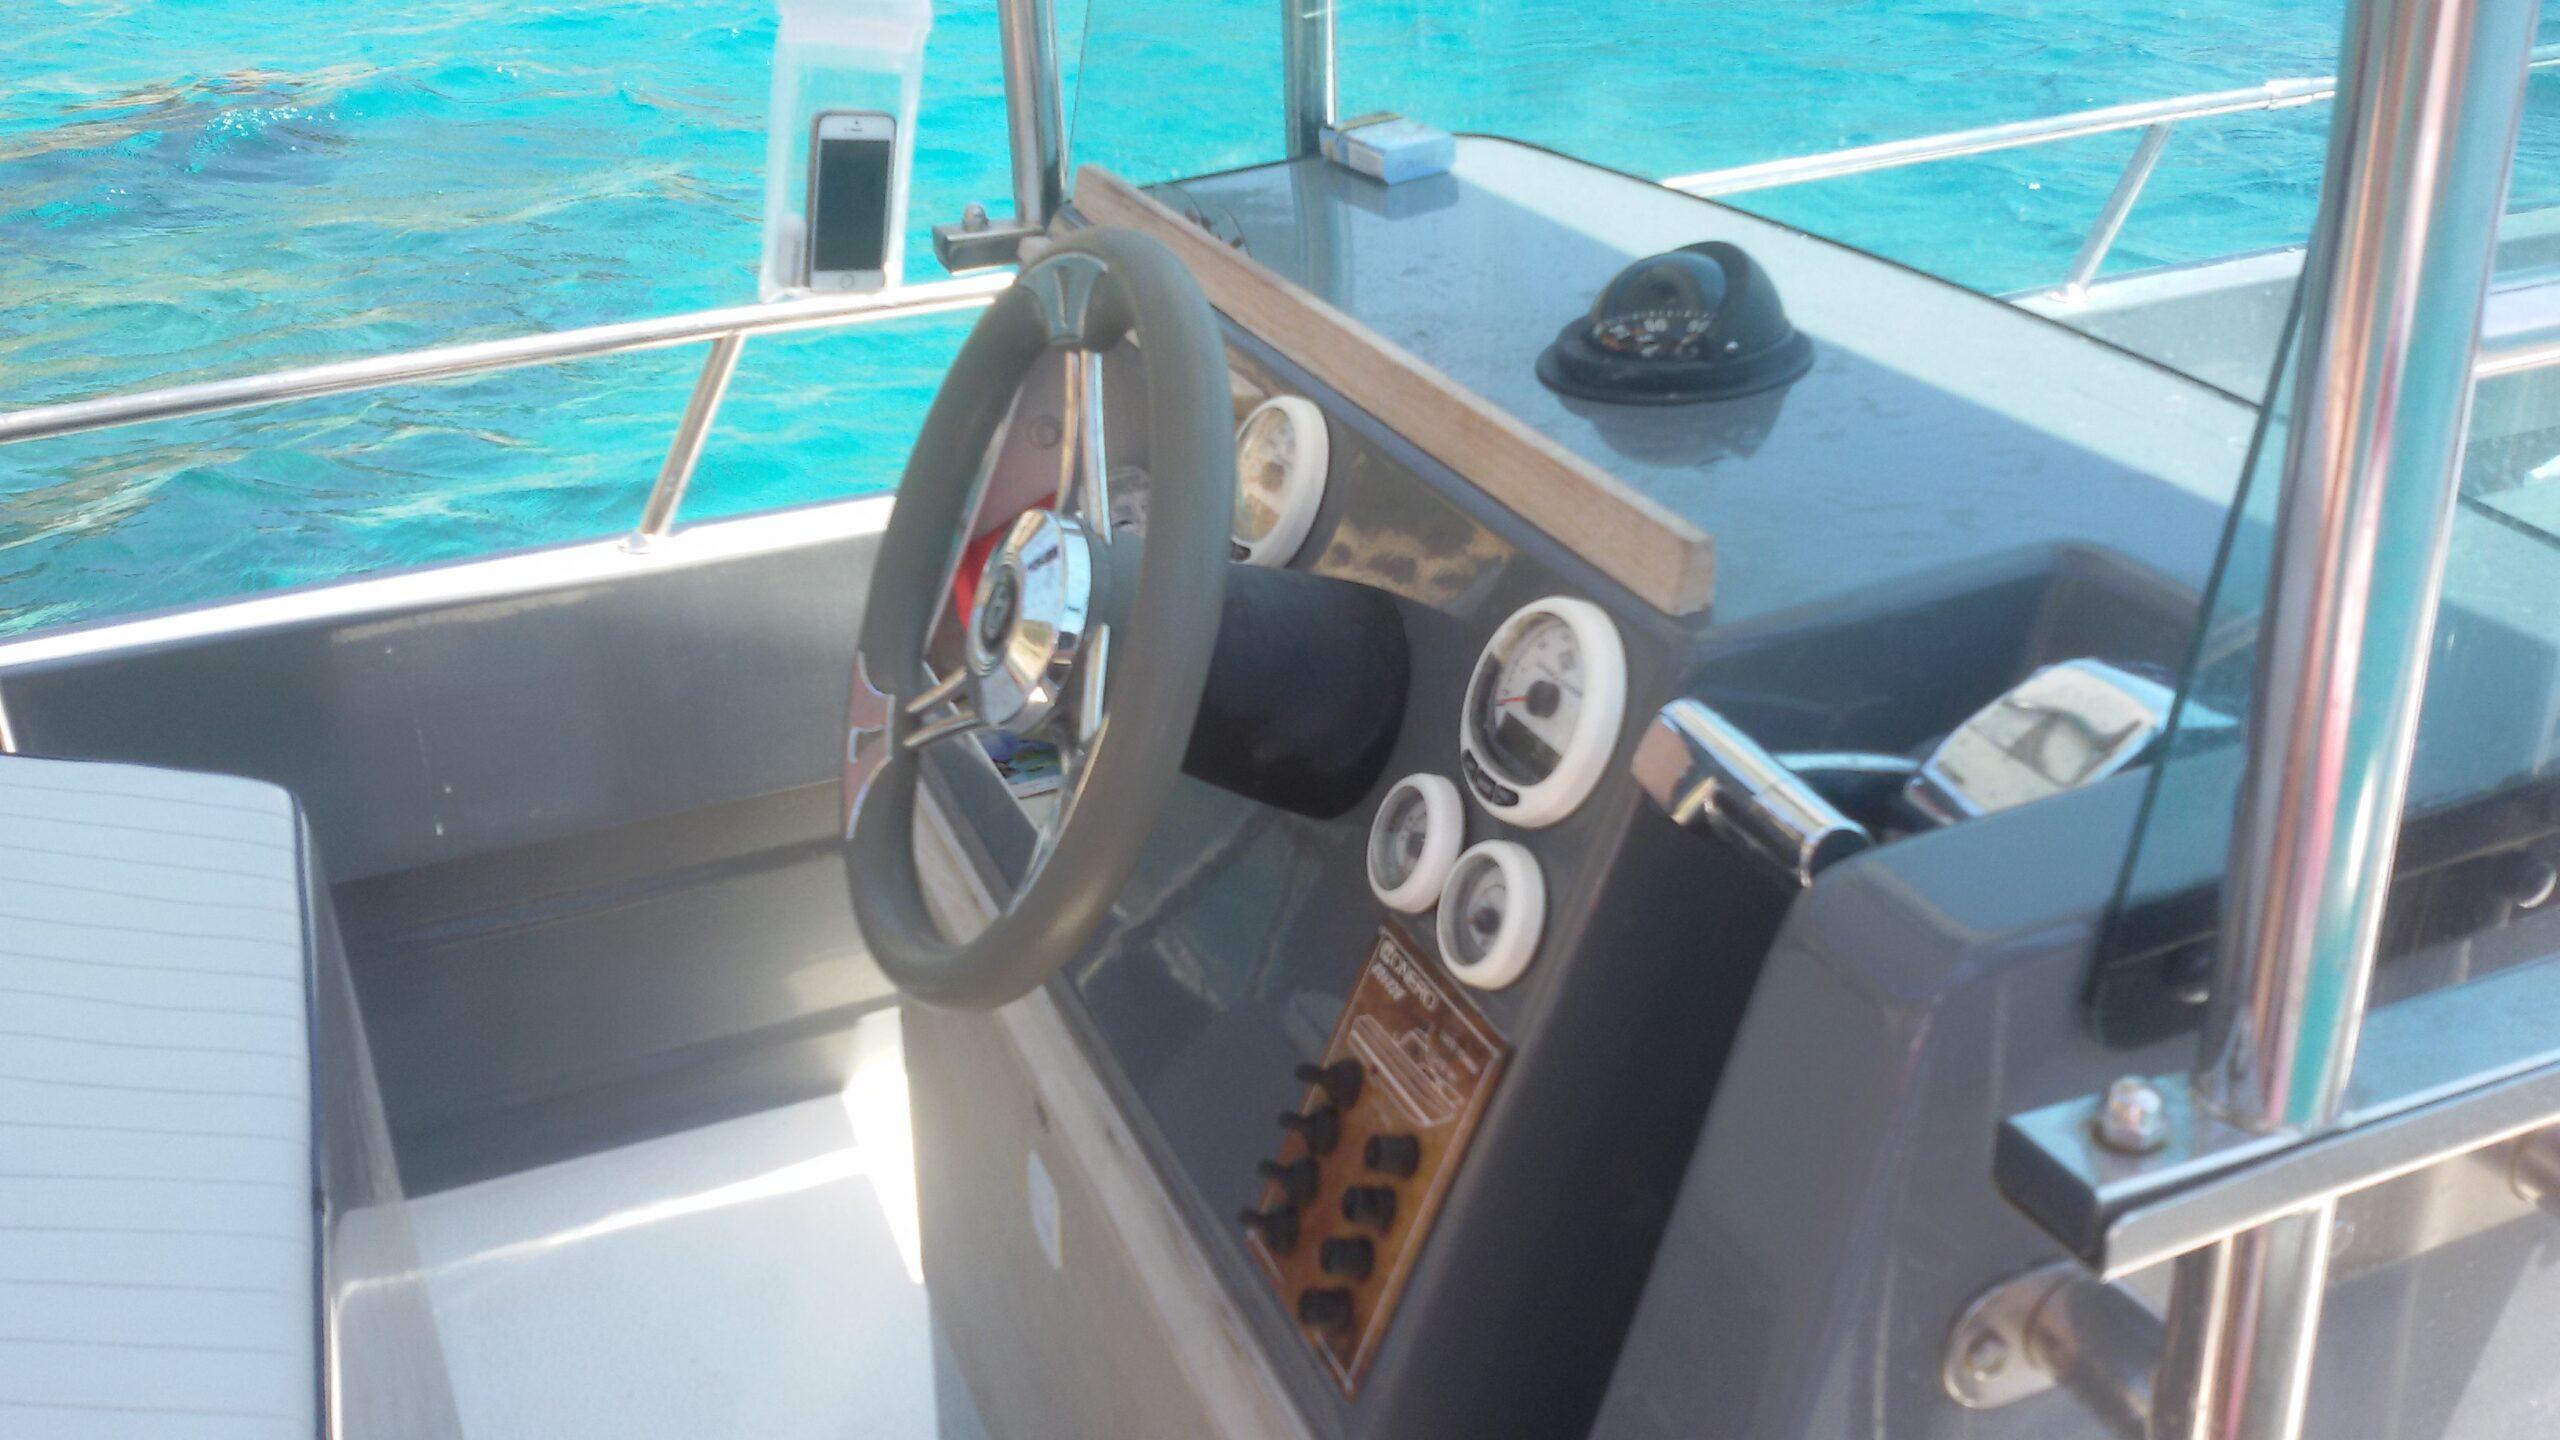 Noleggio barca a motore Cagliari (3)